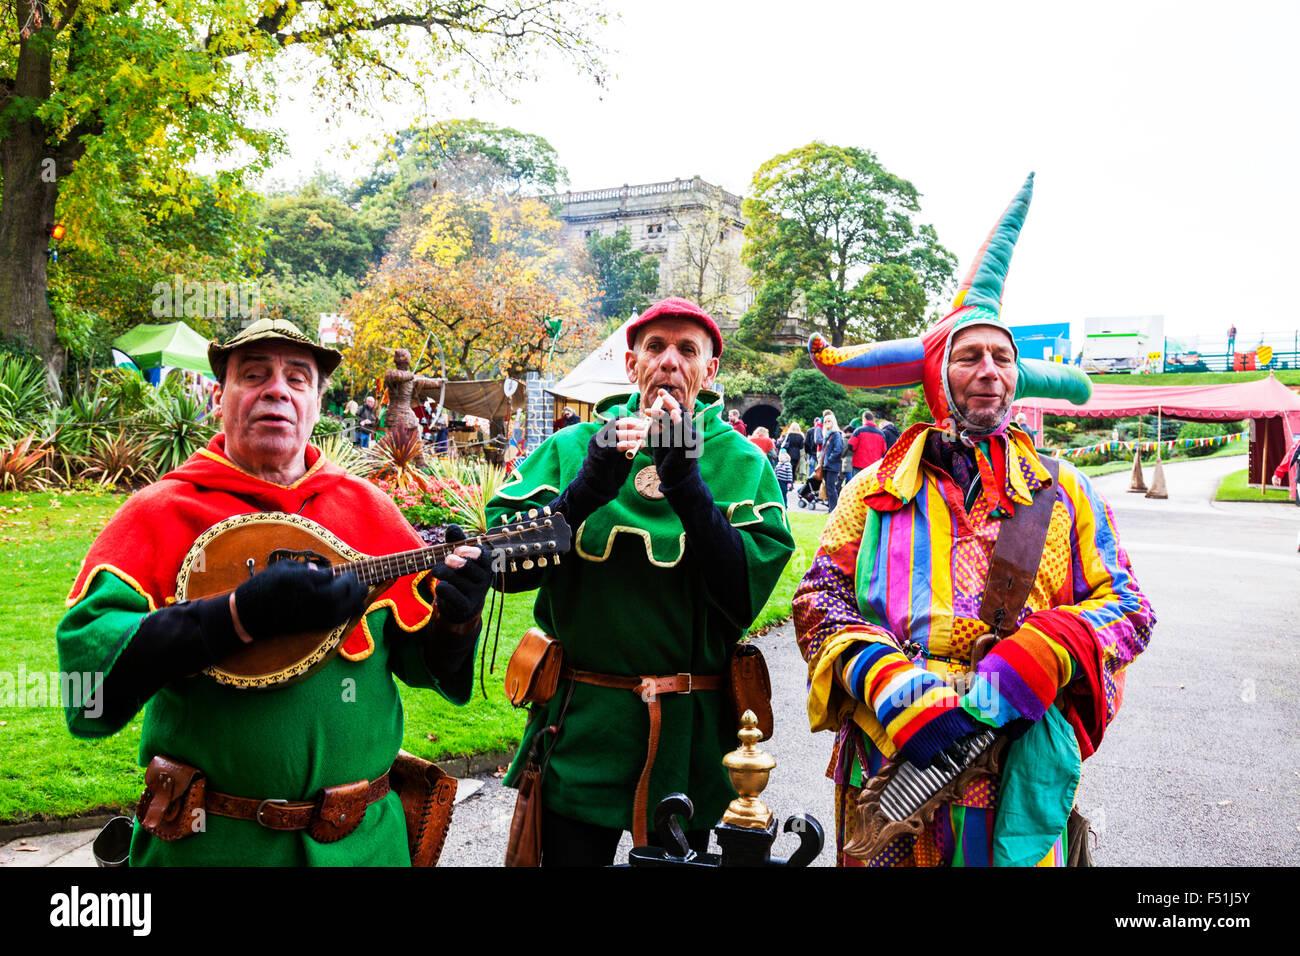 Court Jester Narren laute Flötenspiel Nottingham Castle Entertainer unterhaltsame Stadt UK England Nottinghamshire Stockbild